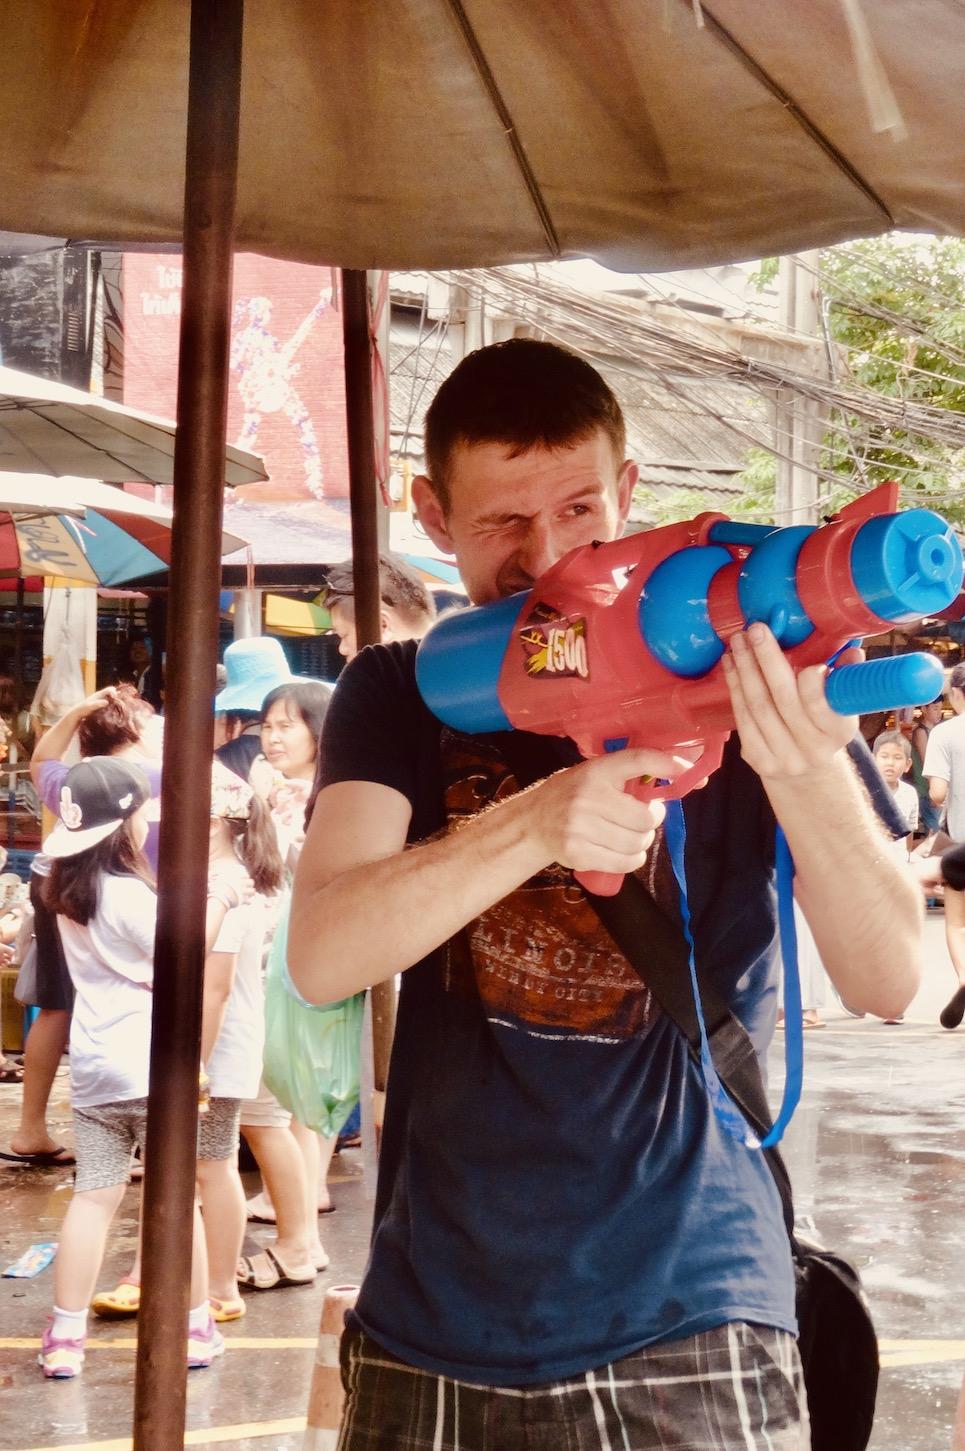 Water fights Celebrating Songkran in Bangkok